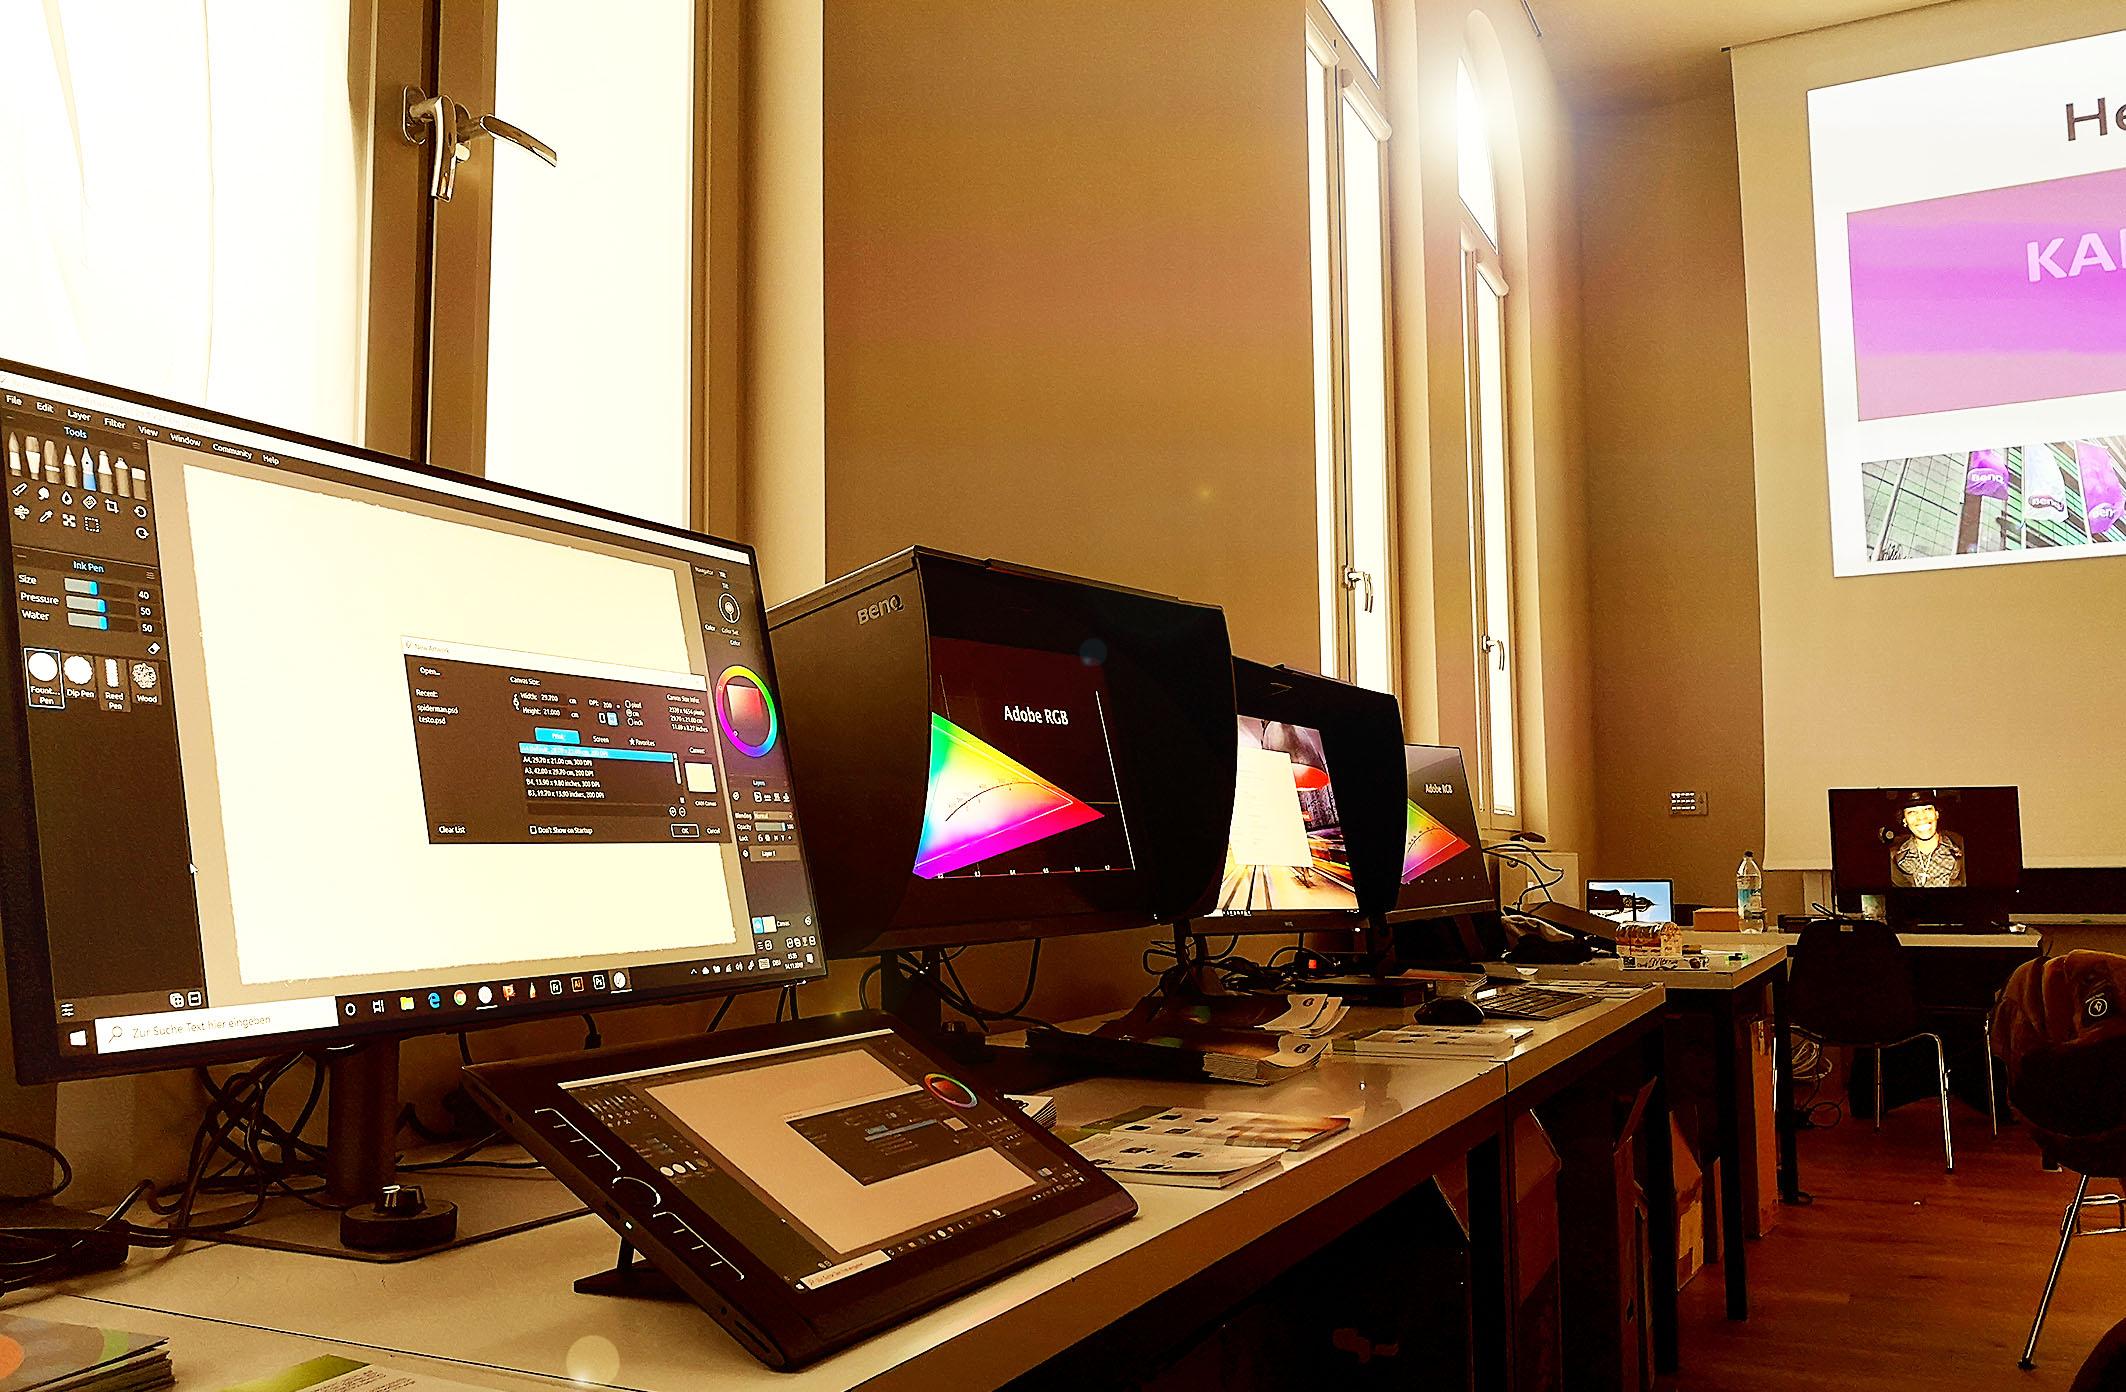 Foto: Michael B. Rehders - Die komplette PhotoVue Serie von BenQ stand zur Verfügug. Dazu der 32-Zoll Designmonitor PD3220U mit UHD-Auflösung und zahlreiche Tablets von Wacom, von denen am Ende sogar einer verlost worden ist.